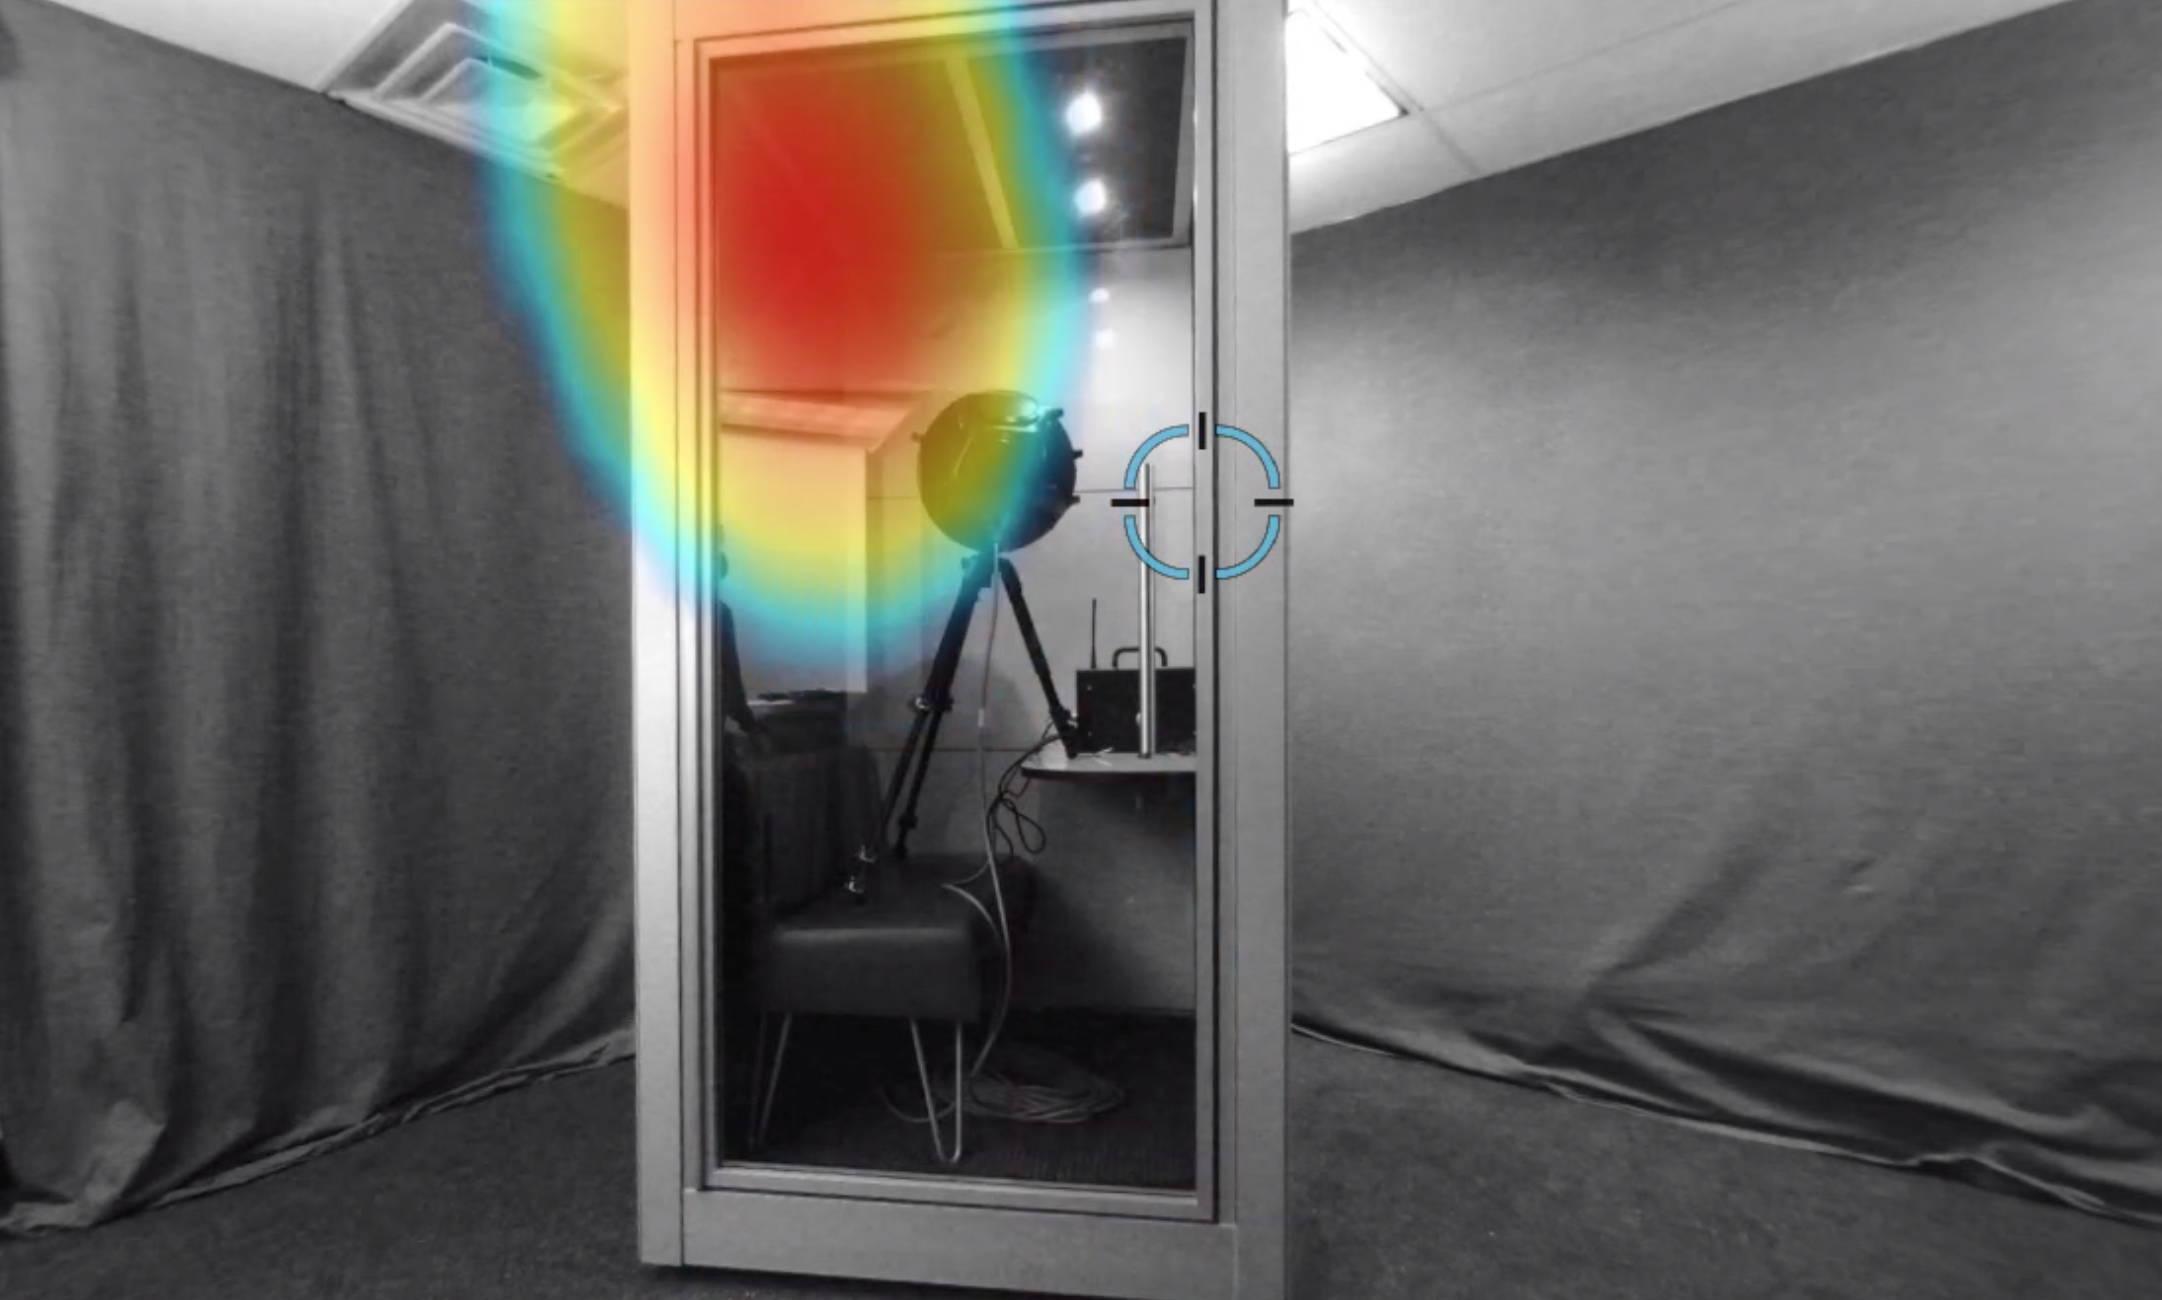 Dodecahedron Loudspeaker in SnapCab Focus